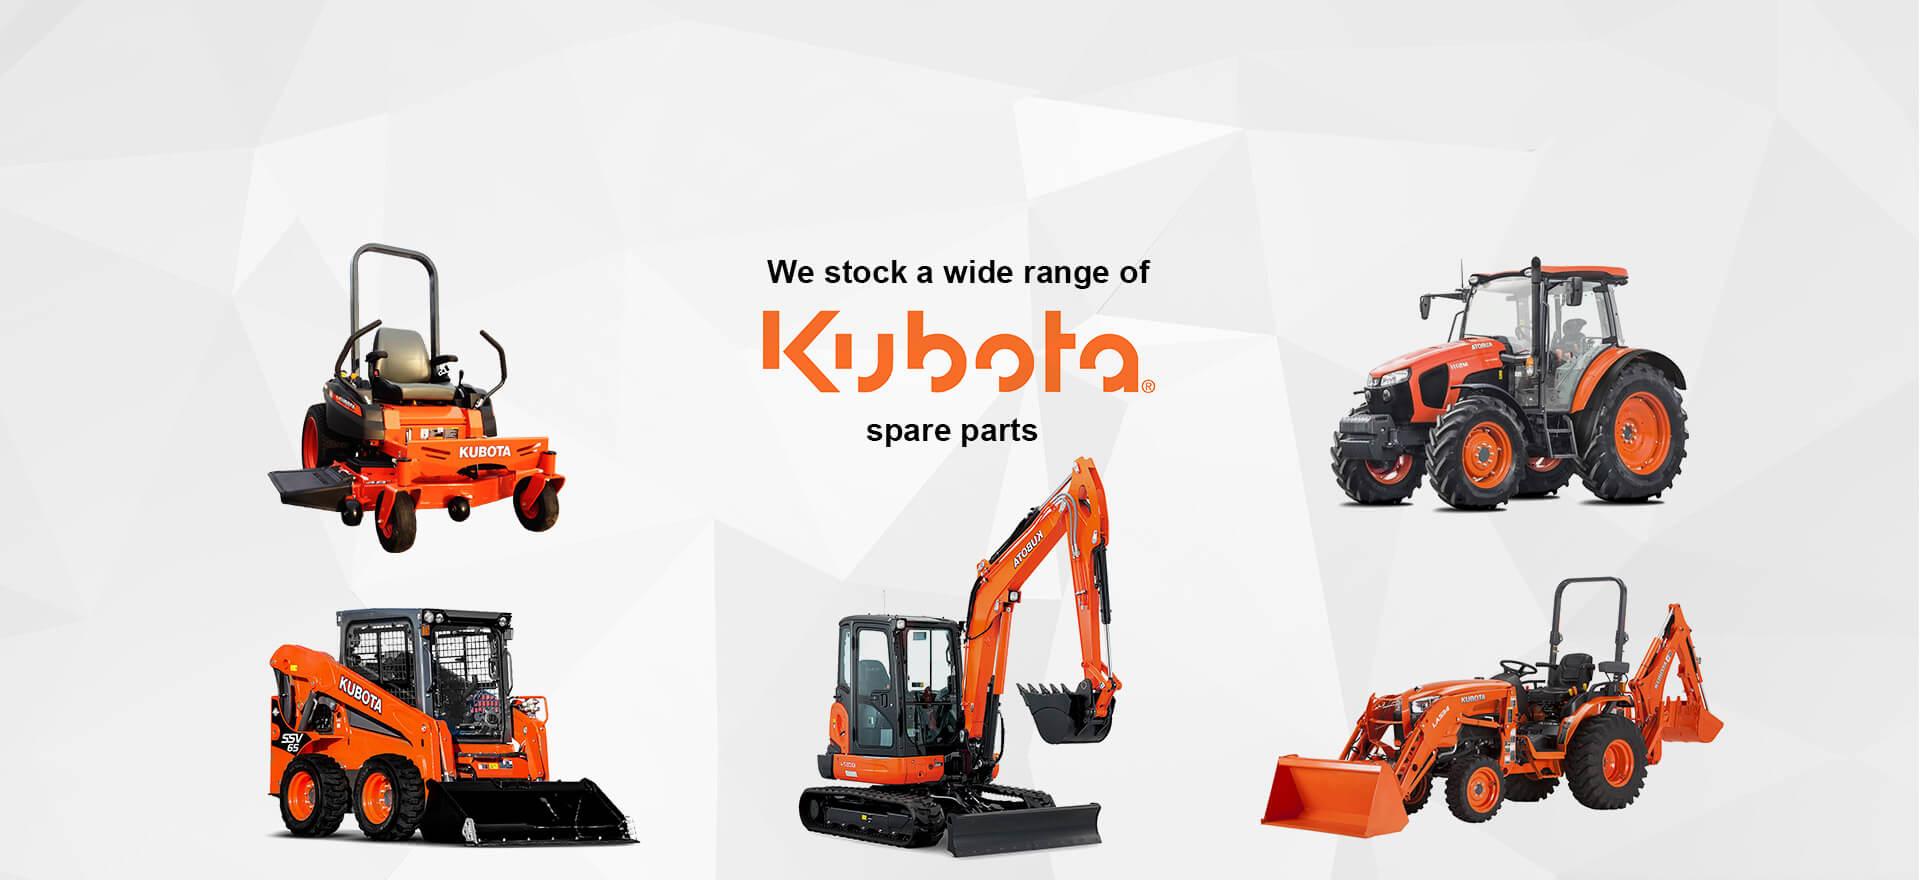 Kubota Engine Parts, Kubota Tractor Parts